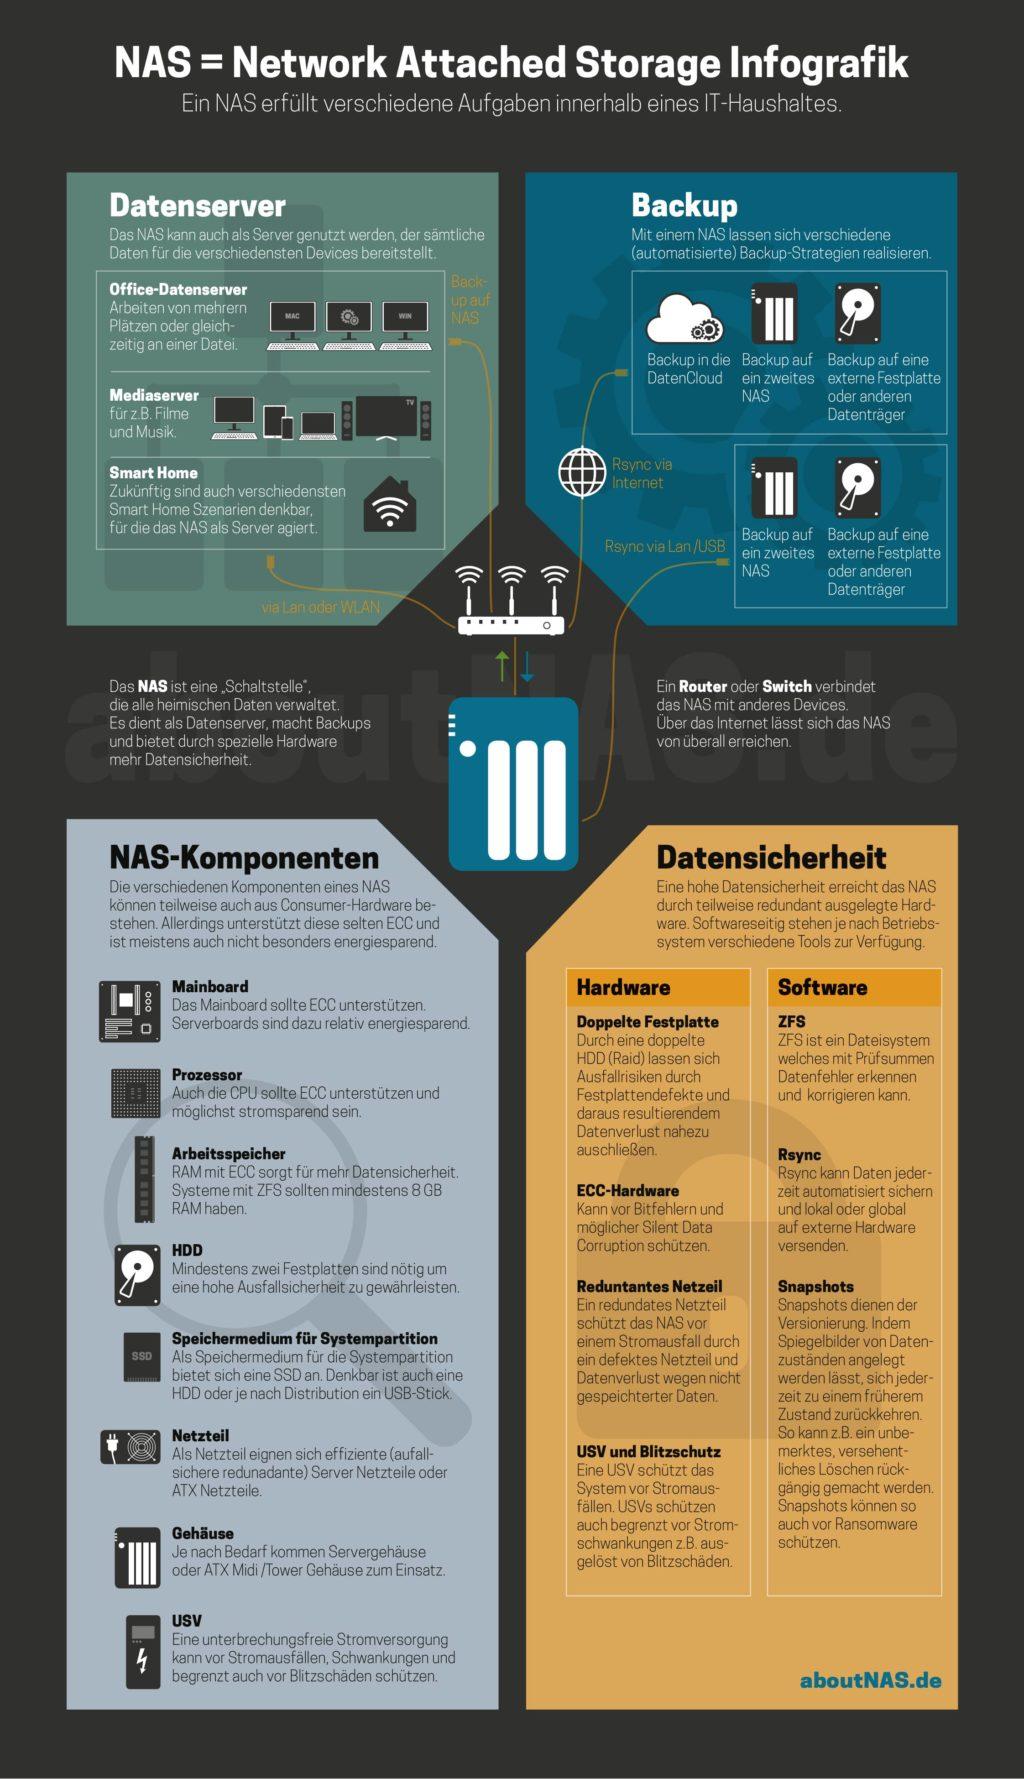 Infografik NAS (Network Attached Storage)